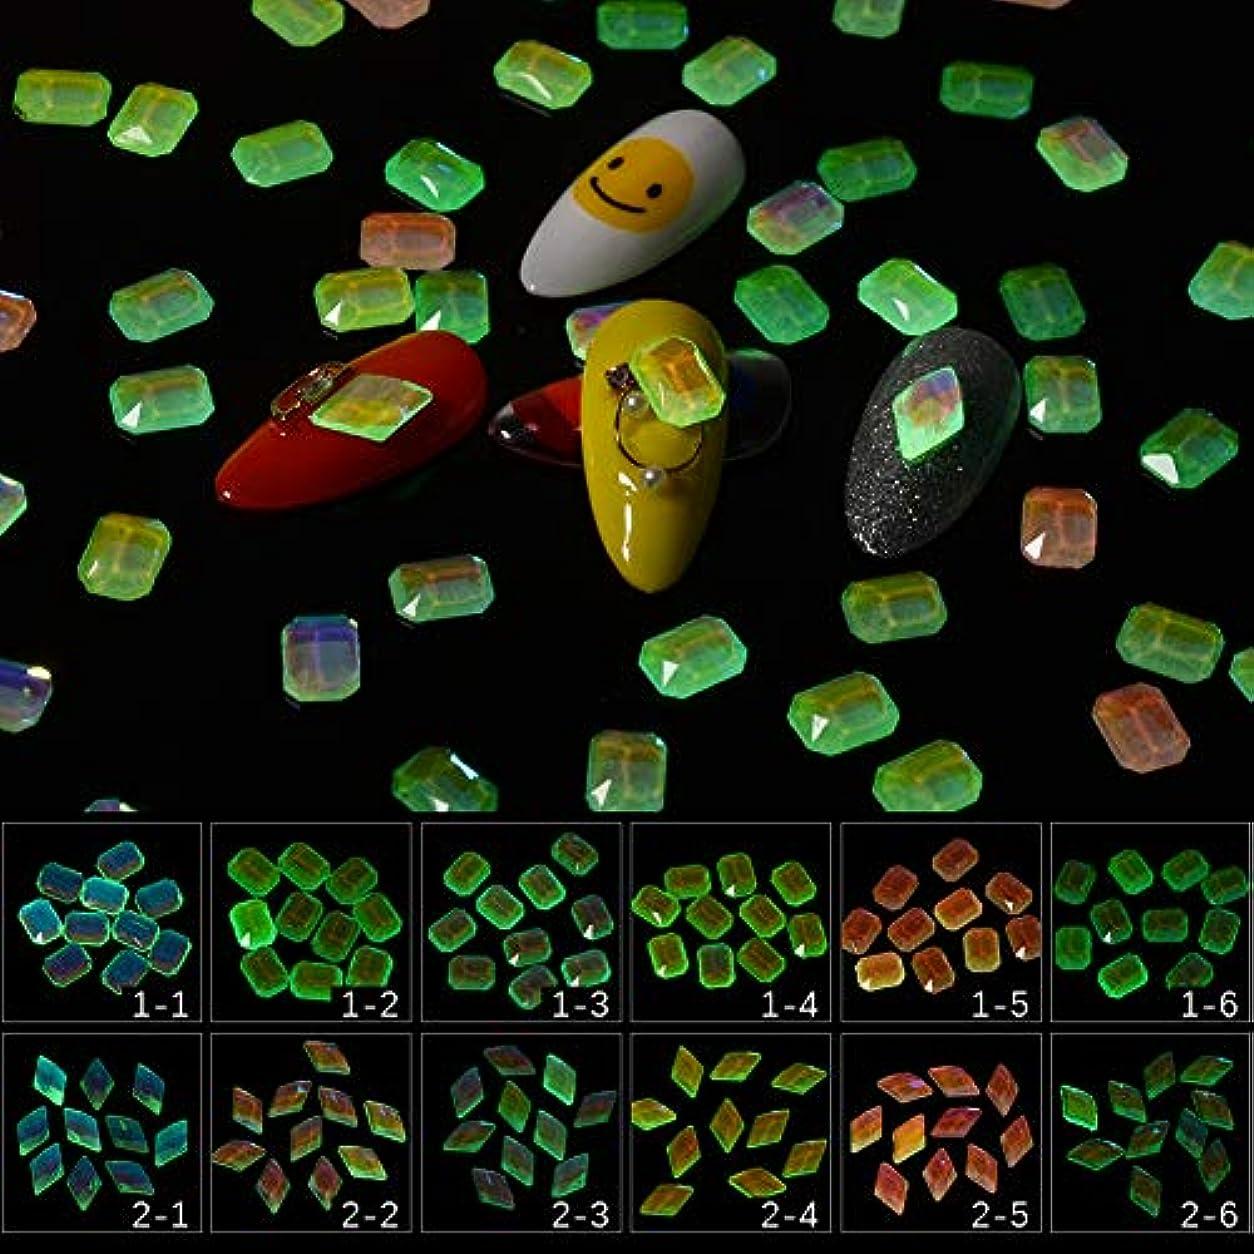 排除体操保存メーリンドス 3Dアート夜光ネイルストーン オーロラフィードバッククリスタル 蓄光して暗闇で光るネイルストーン 矩形&菱形選択可能 6色60個セット (02)